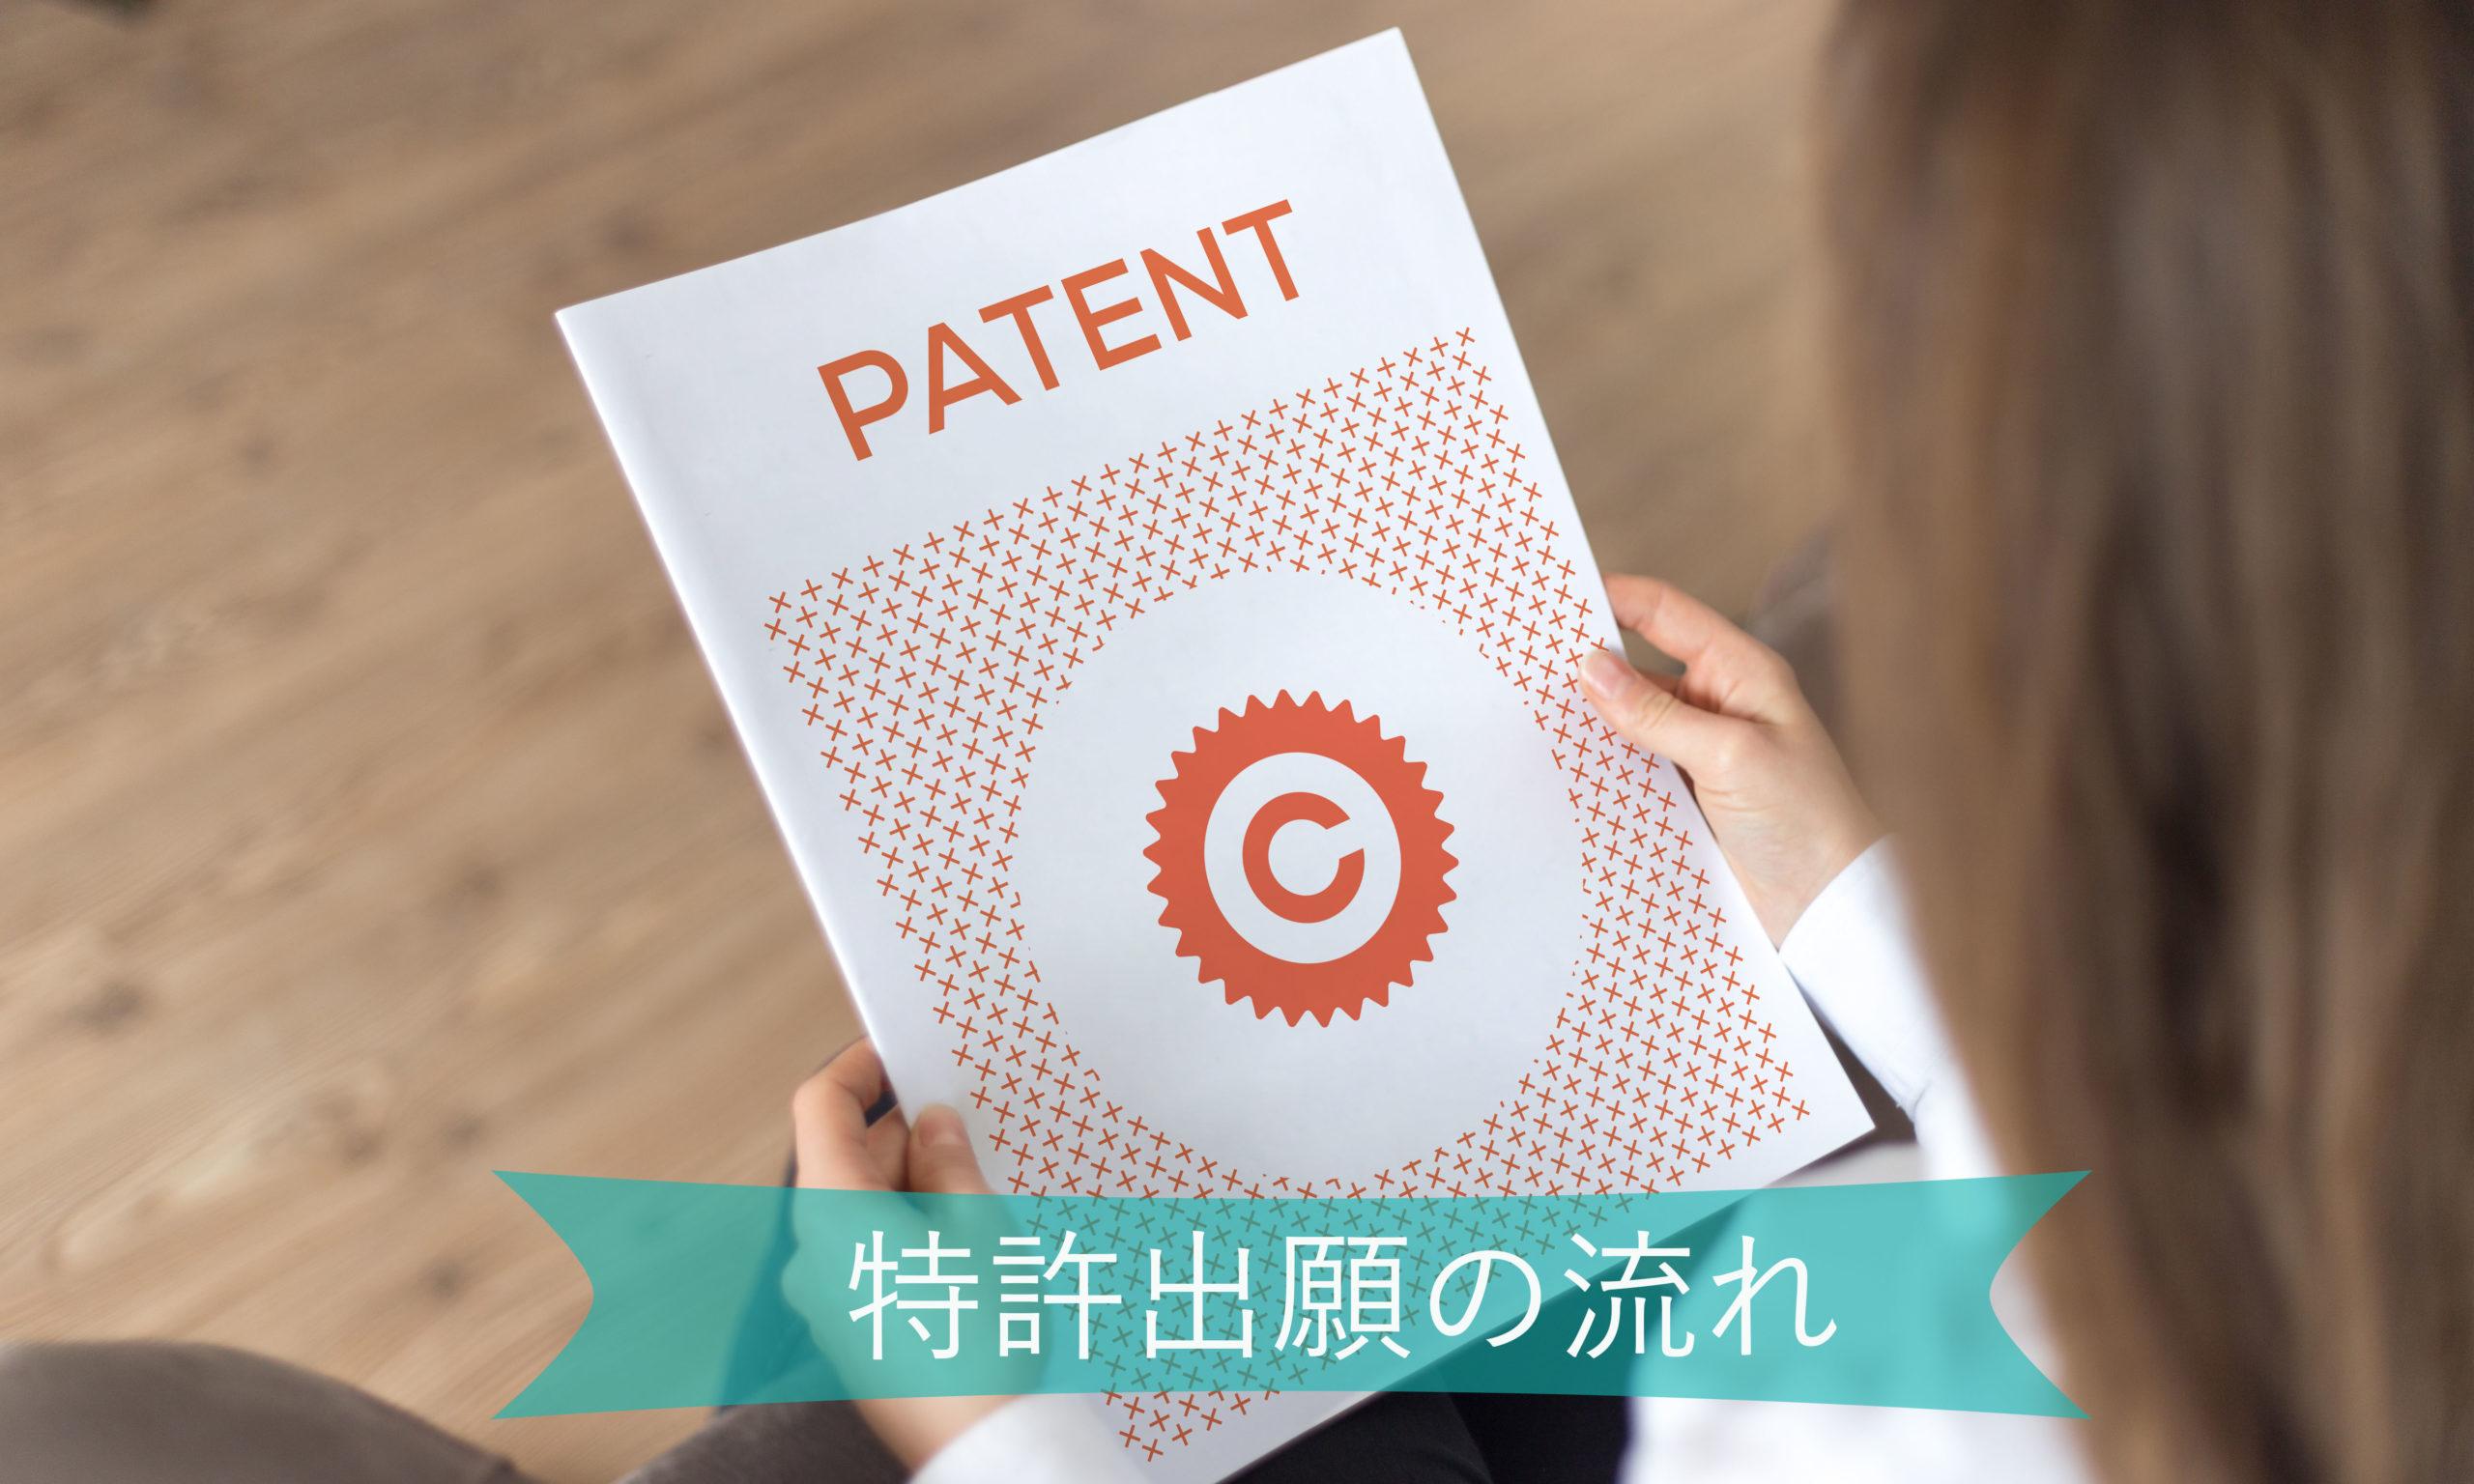 特許出願の流れを徹底解説!